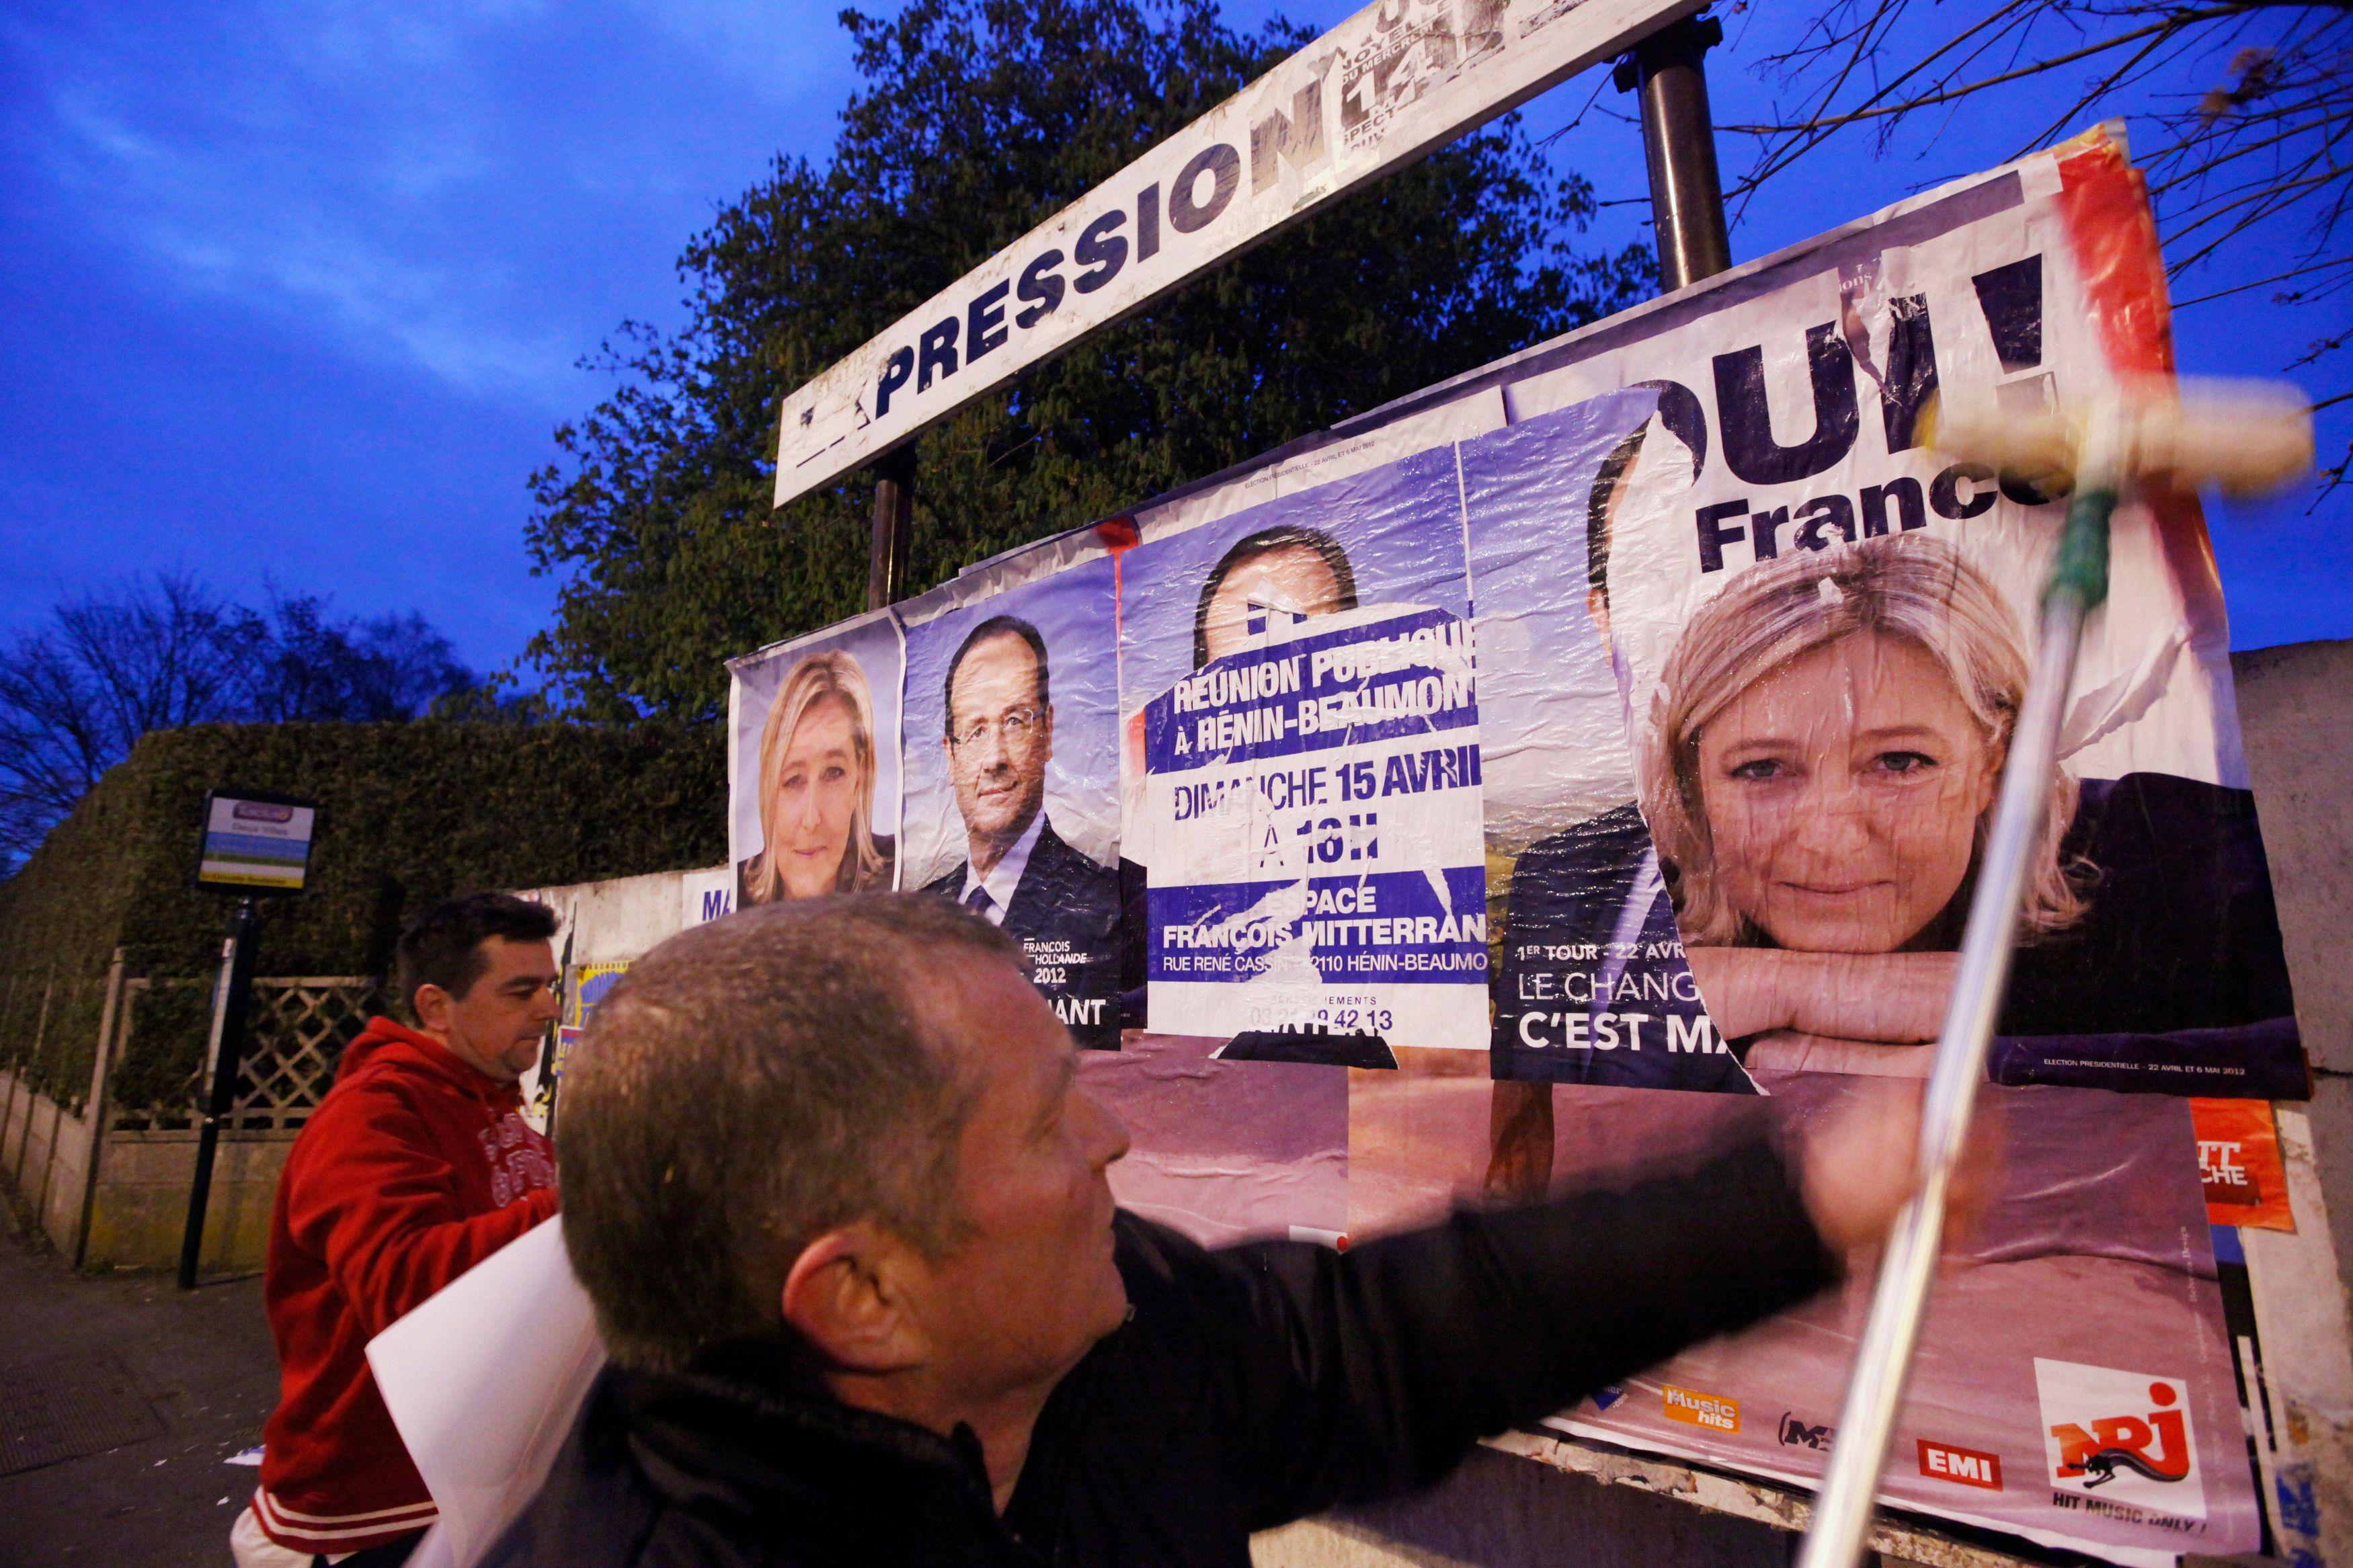 Selon un sondage, 25% des Français pensent que Marine Le Pen s'en sortirait mieux au pouvoir que François Hollande ou qu'un candidat de droite.